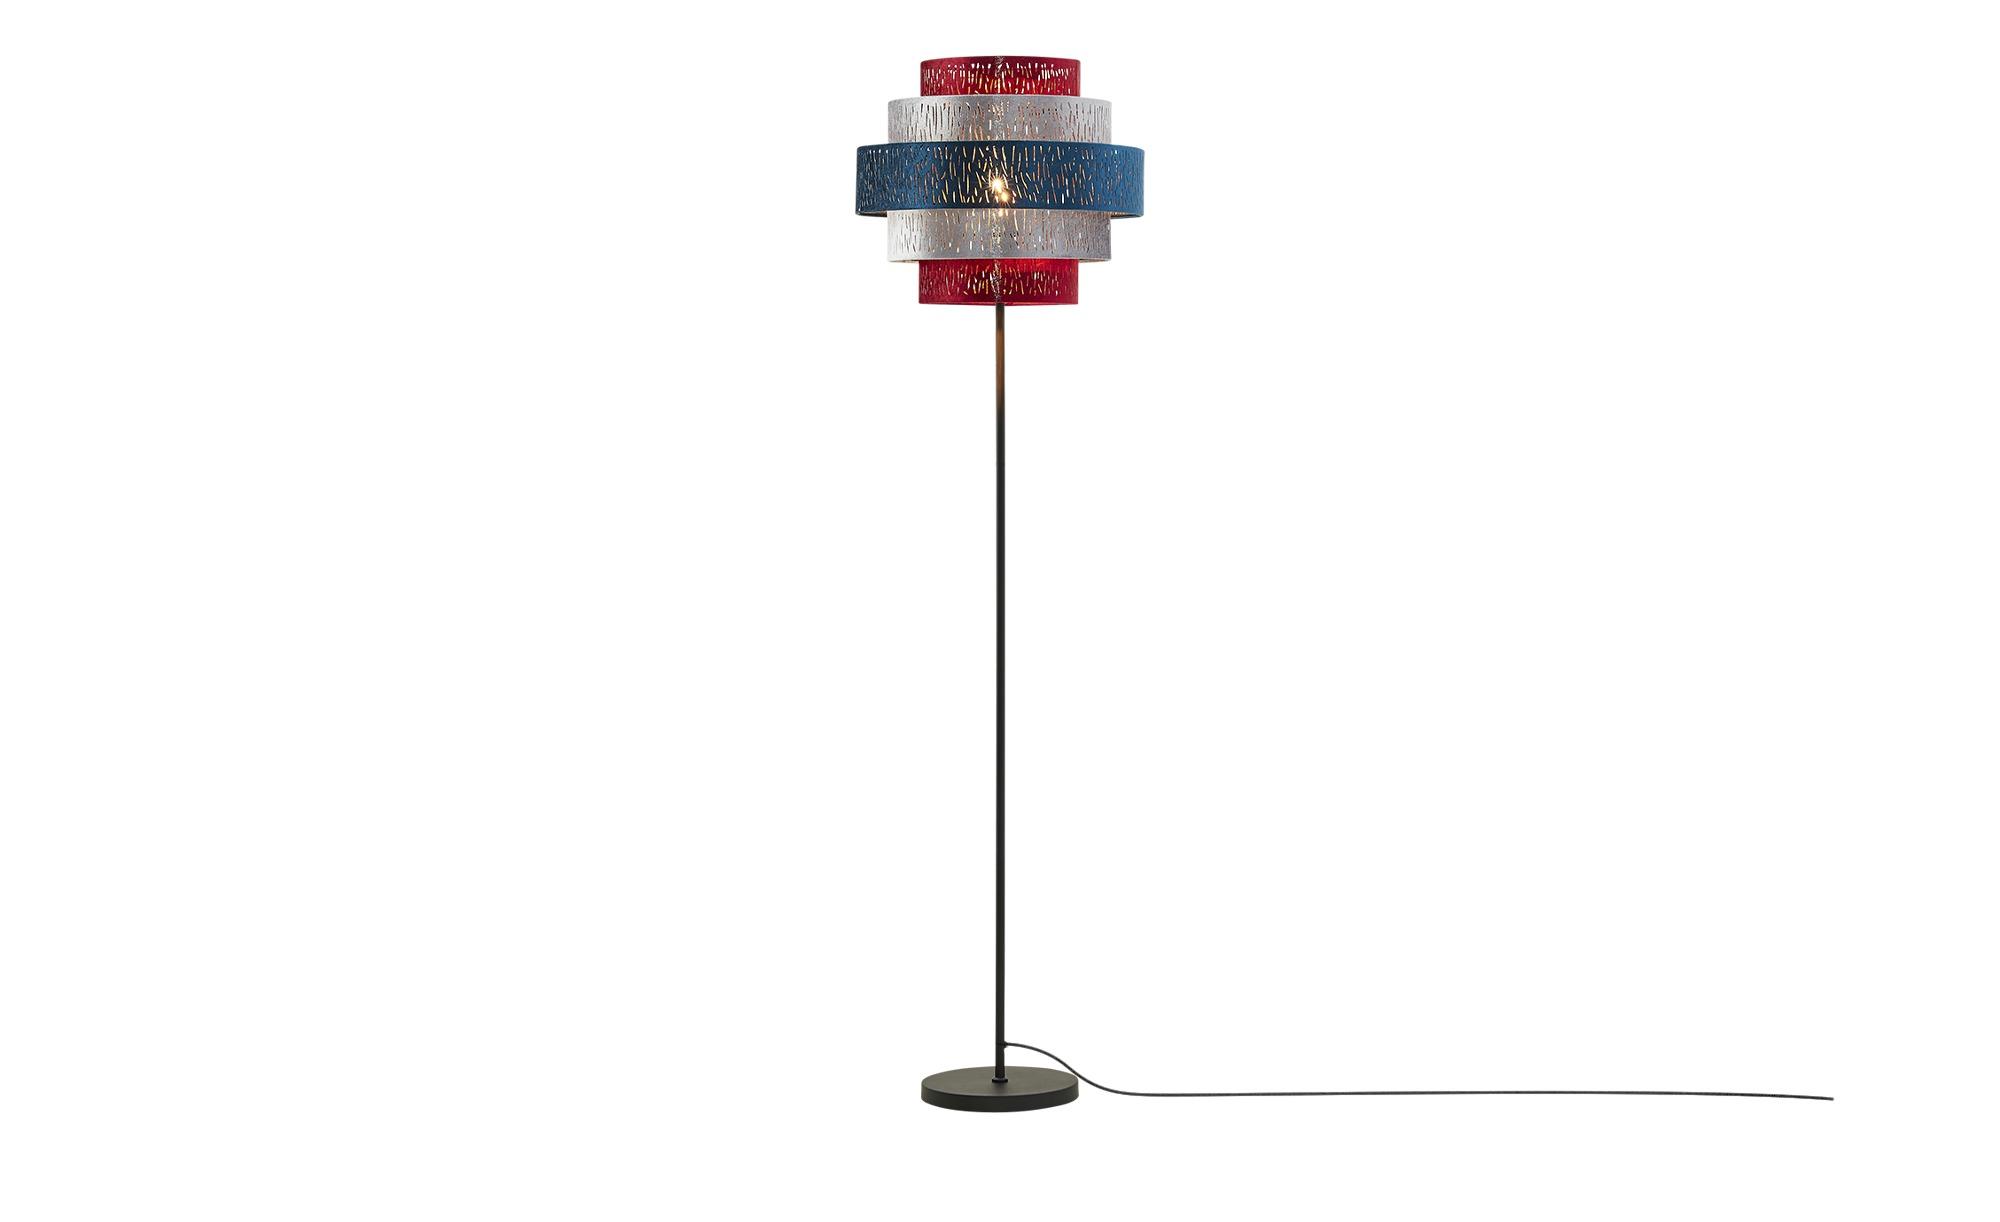 Stehleuchte, 1-flammig, Samtschirm multicolour ¦ Maße (cm): H: 160 Ø: 45 Lampen & Leuchten > Innenleuchten > Stehlampen - Höffner